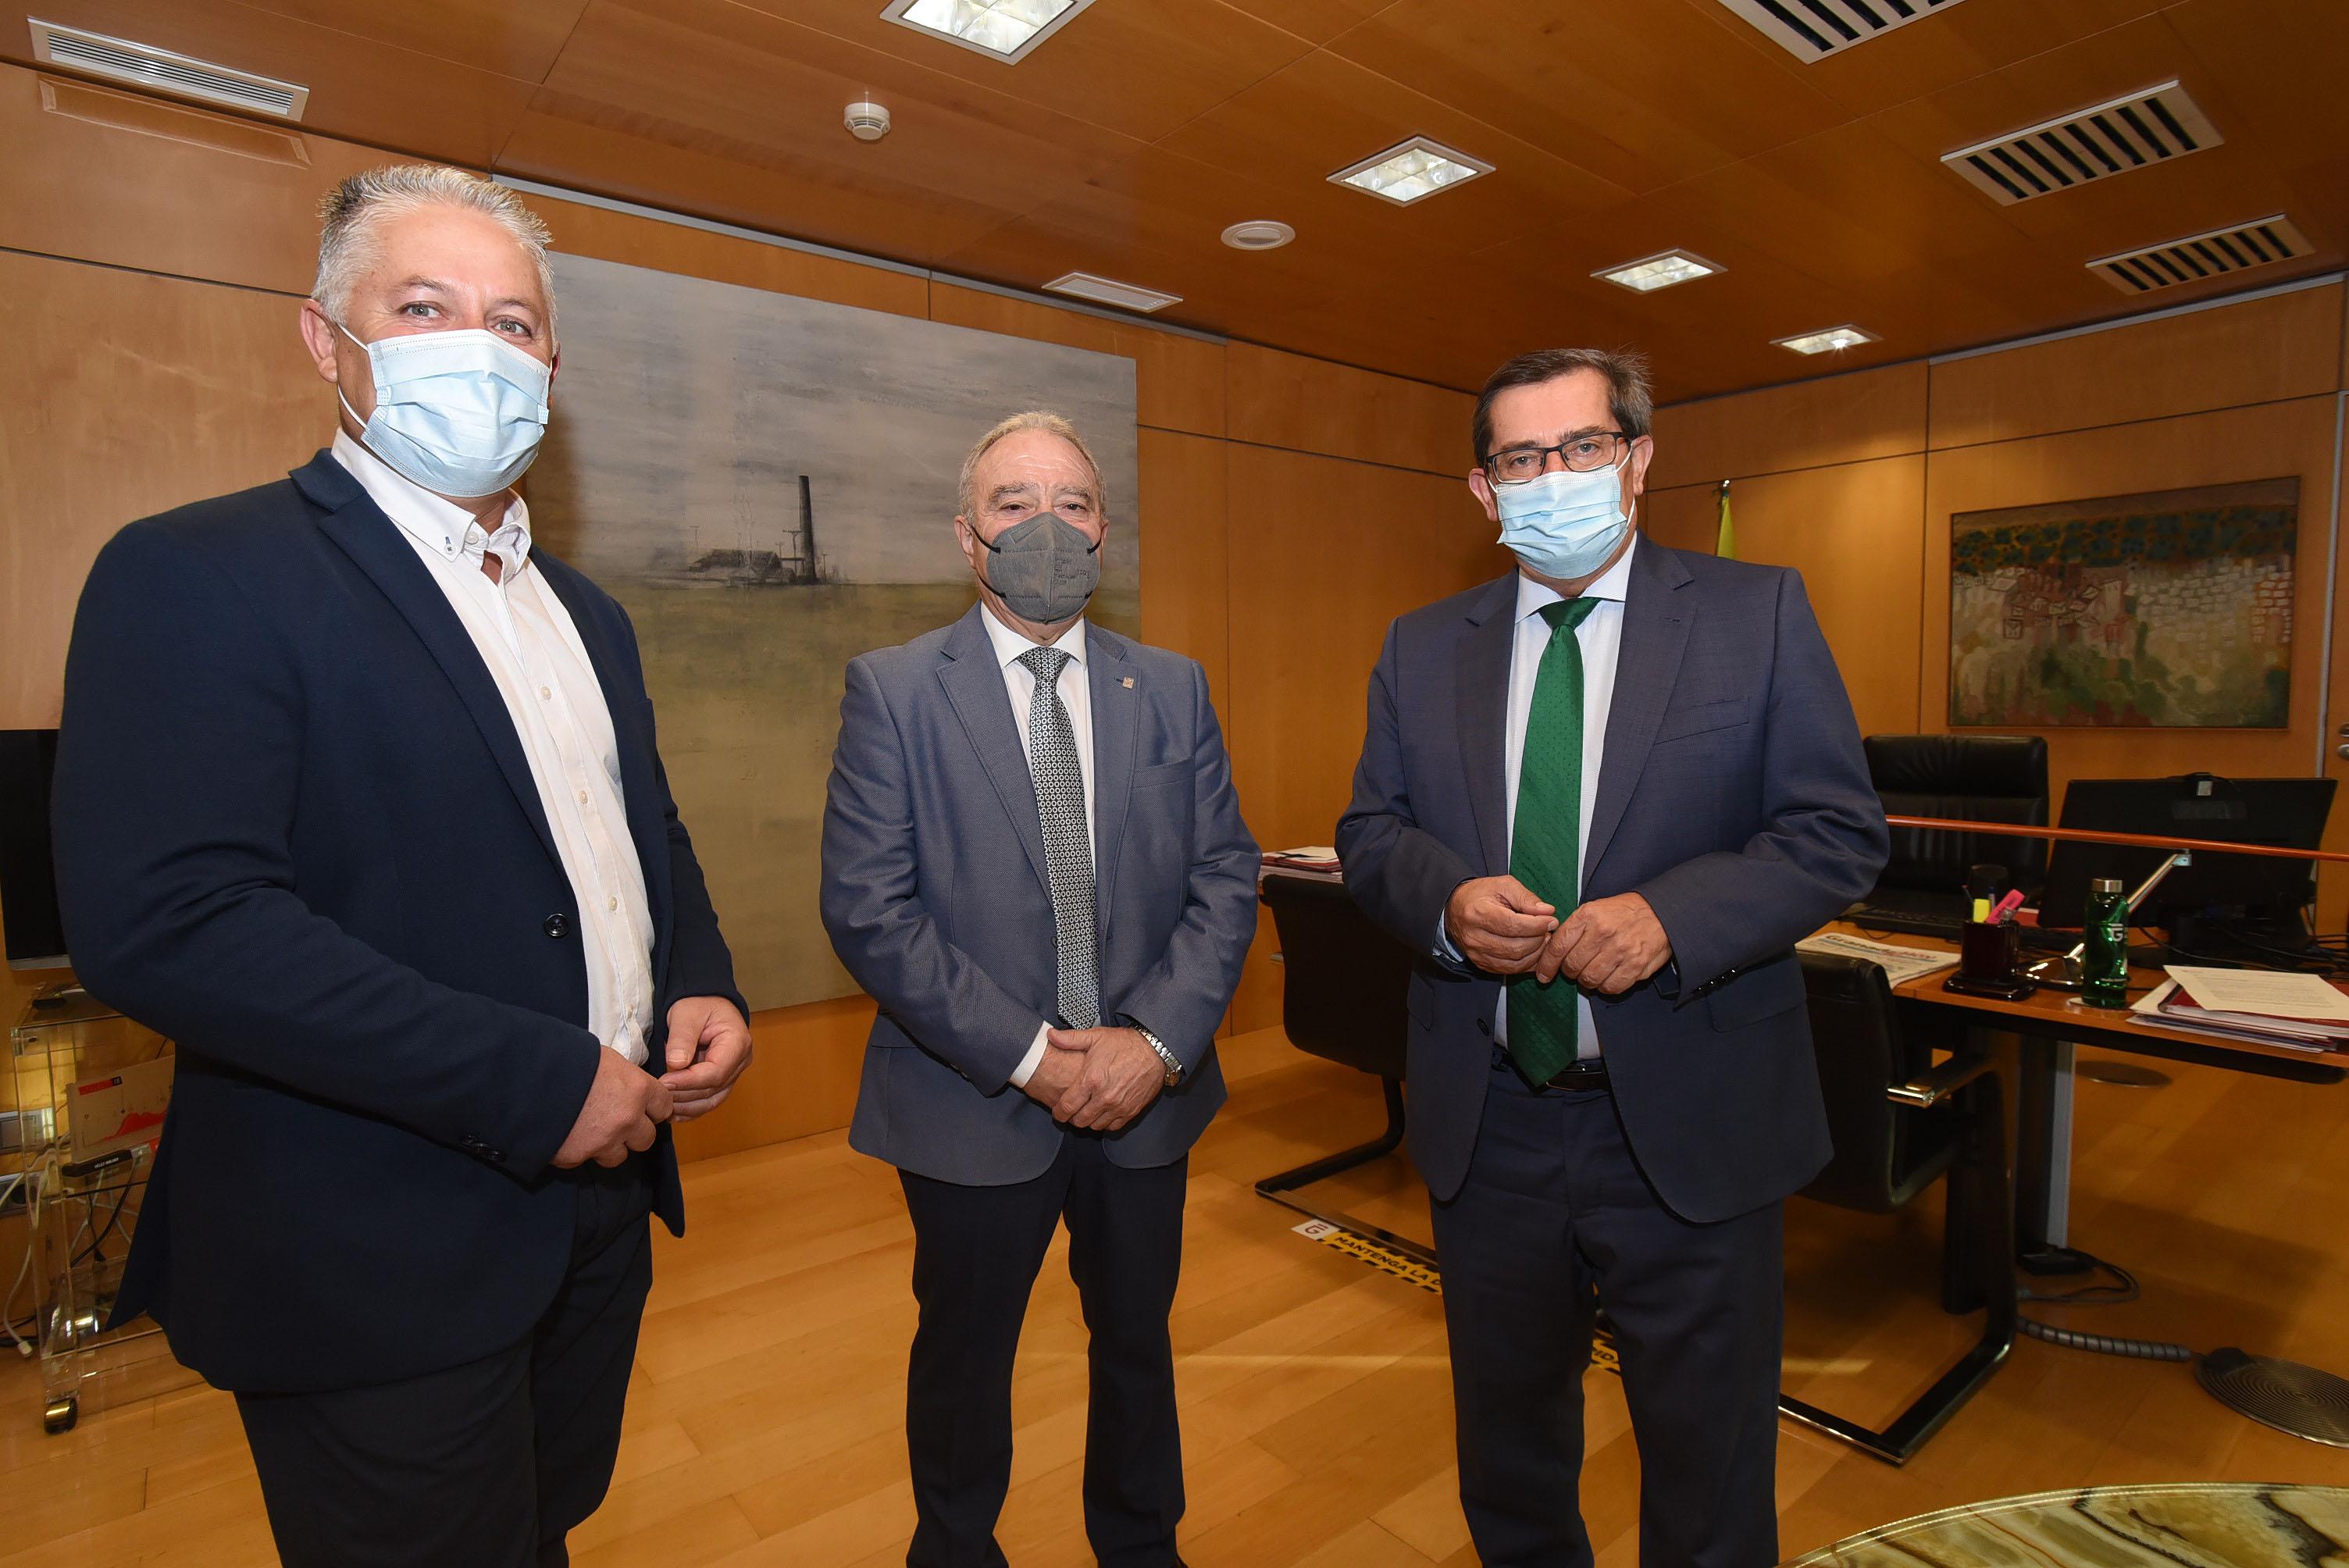 Entrena aborda con presidente de la Diputación de Huesca la delegación de competencias municipales y la despoblación